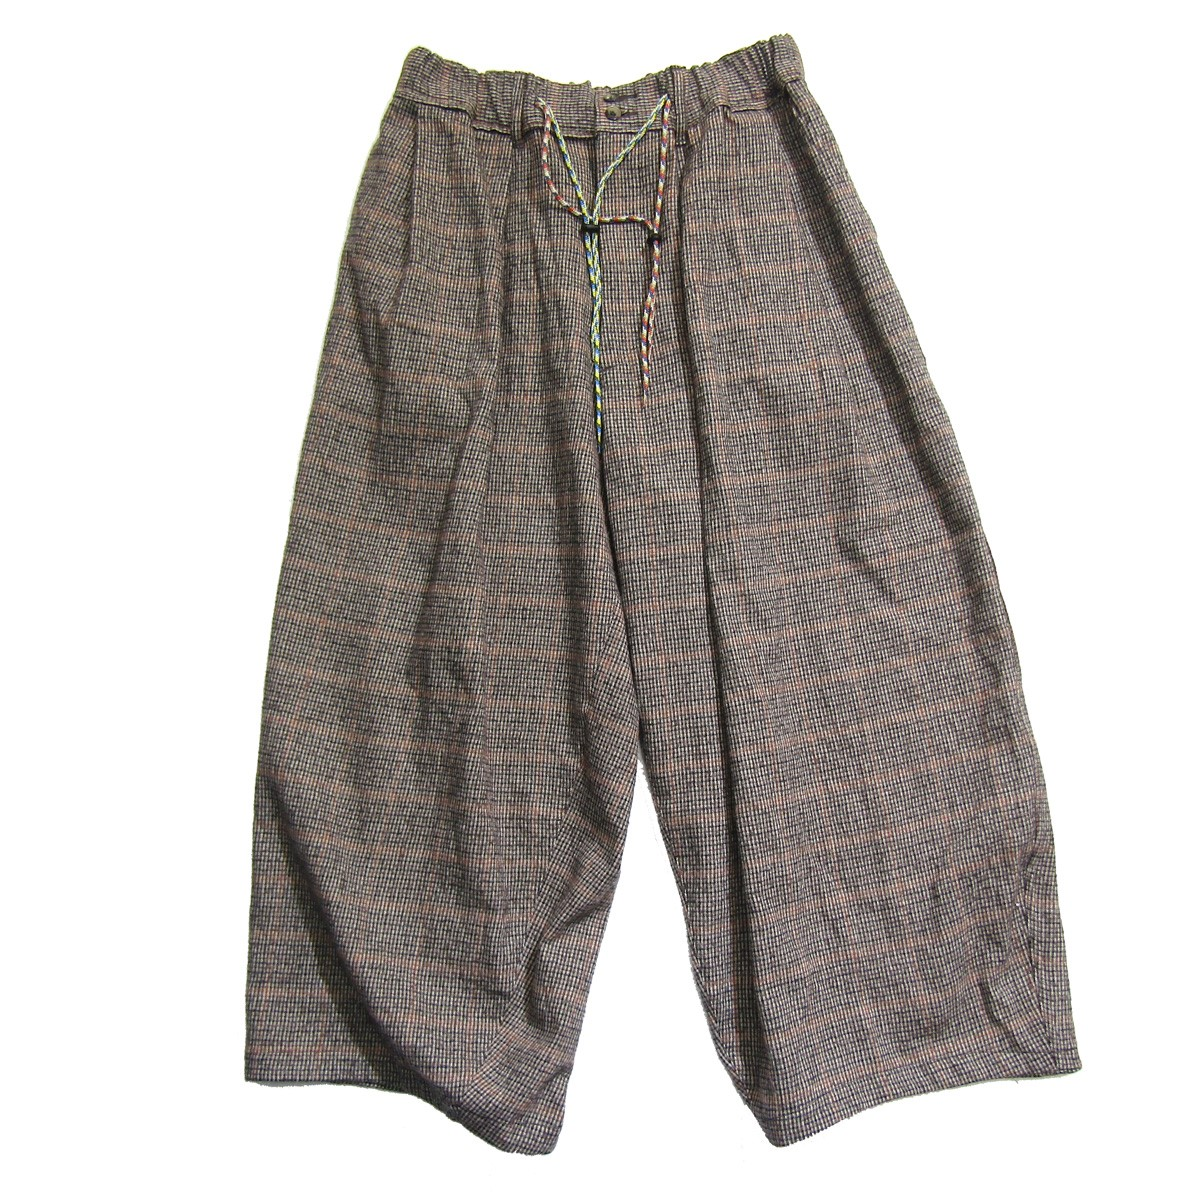 Sillage (シアージ) CIRCULAR PANTS サーキュラーパンツ ワイドパンツ #BROWN